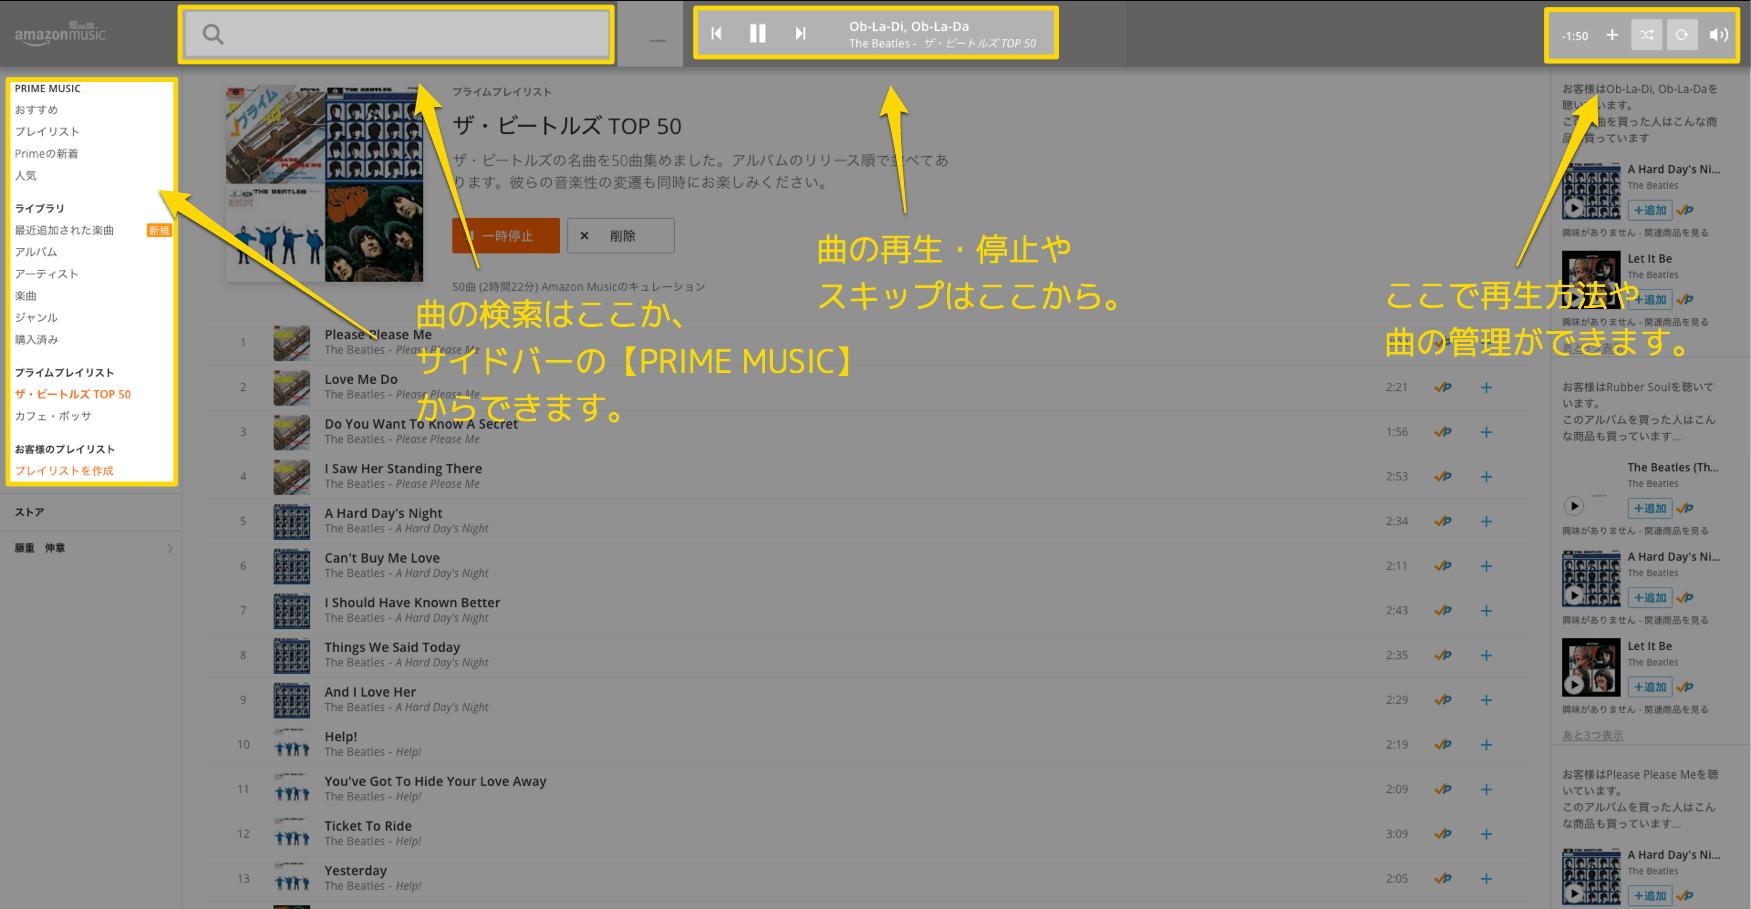 スクリーンショット 2016-02-10 18.46.58